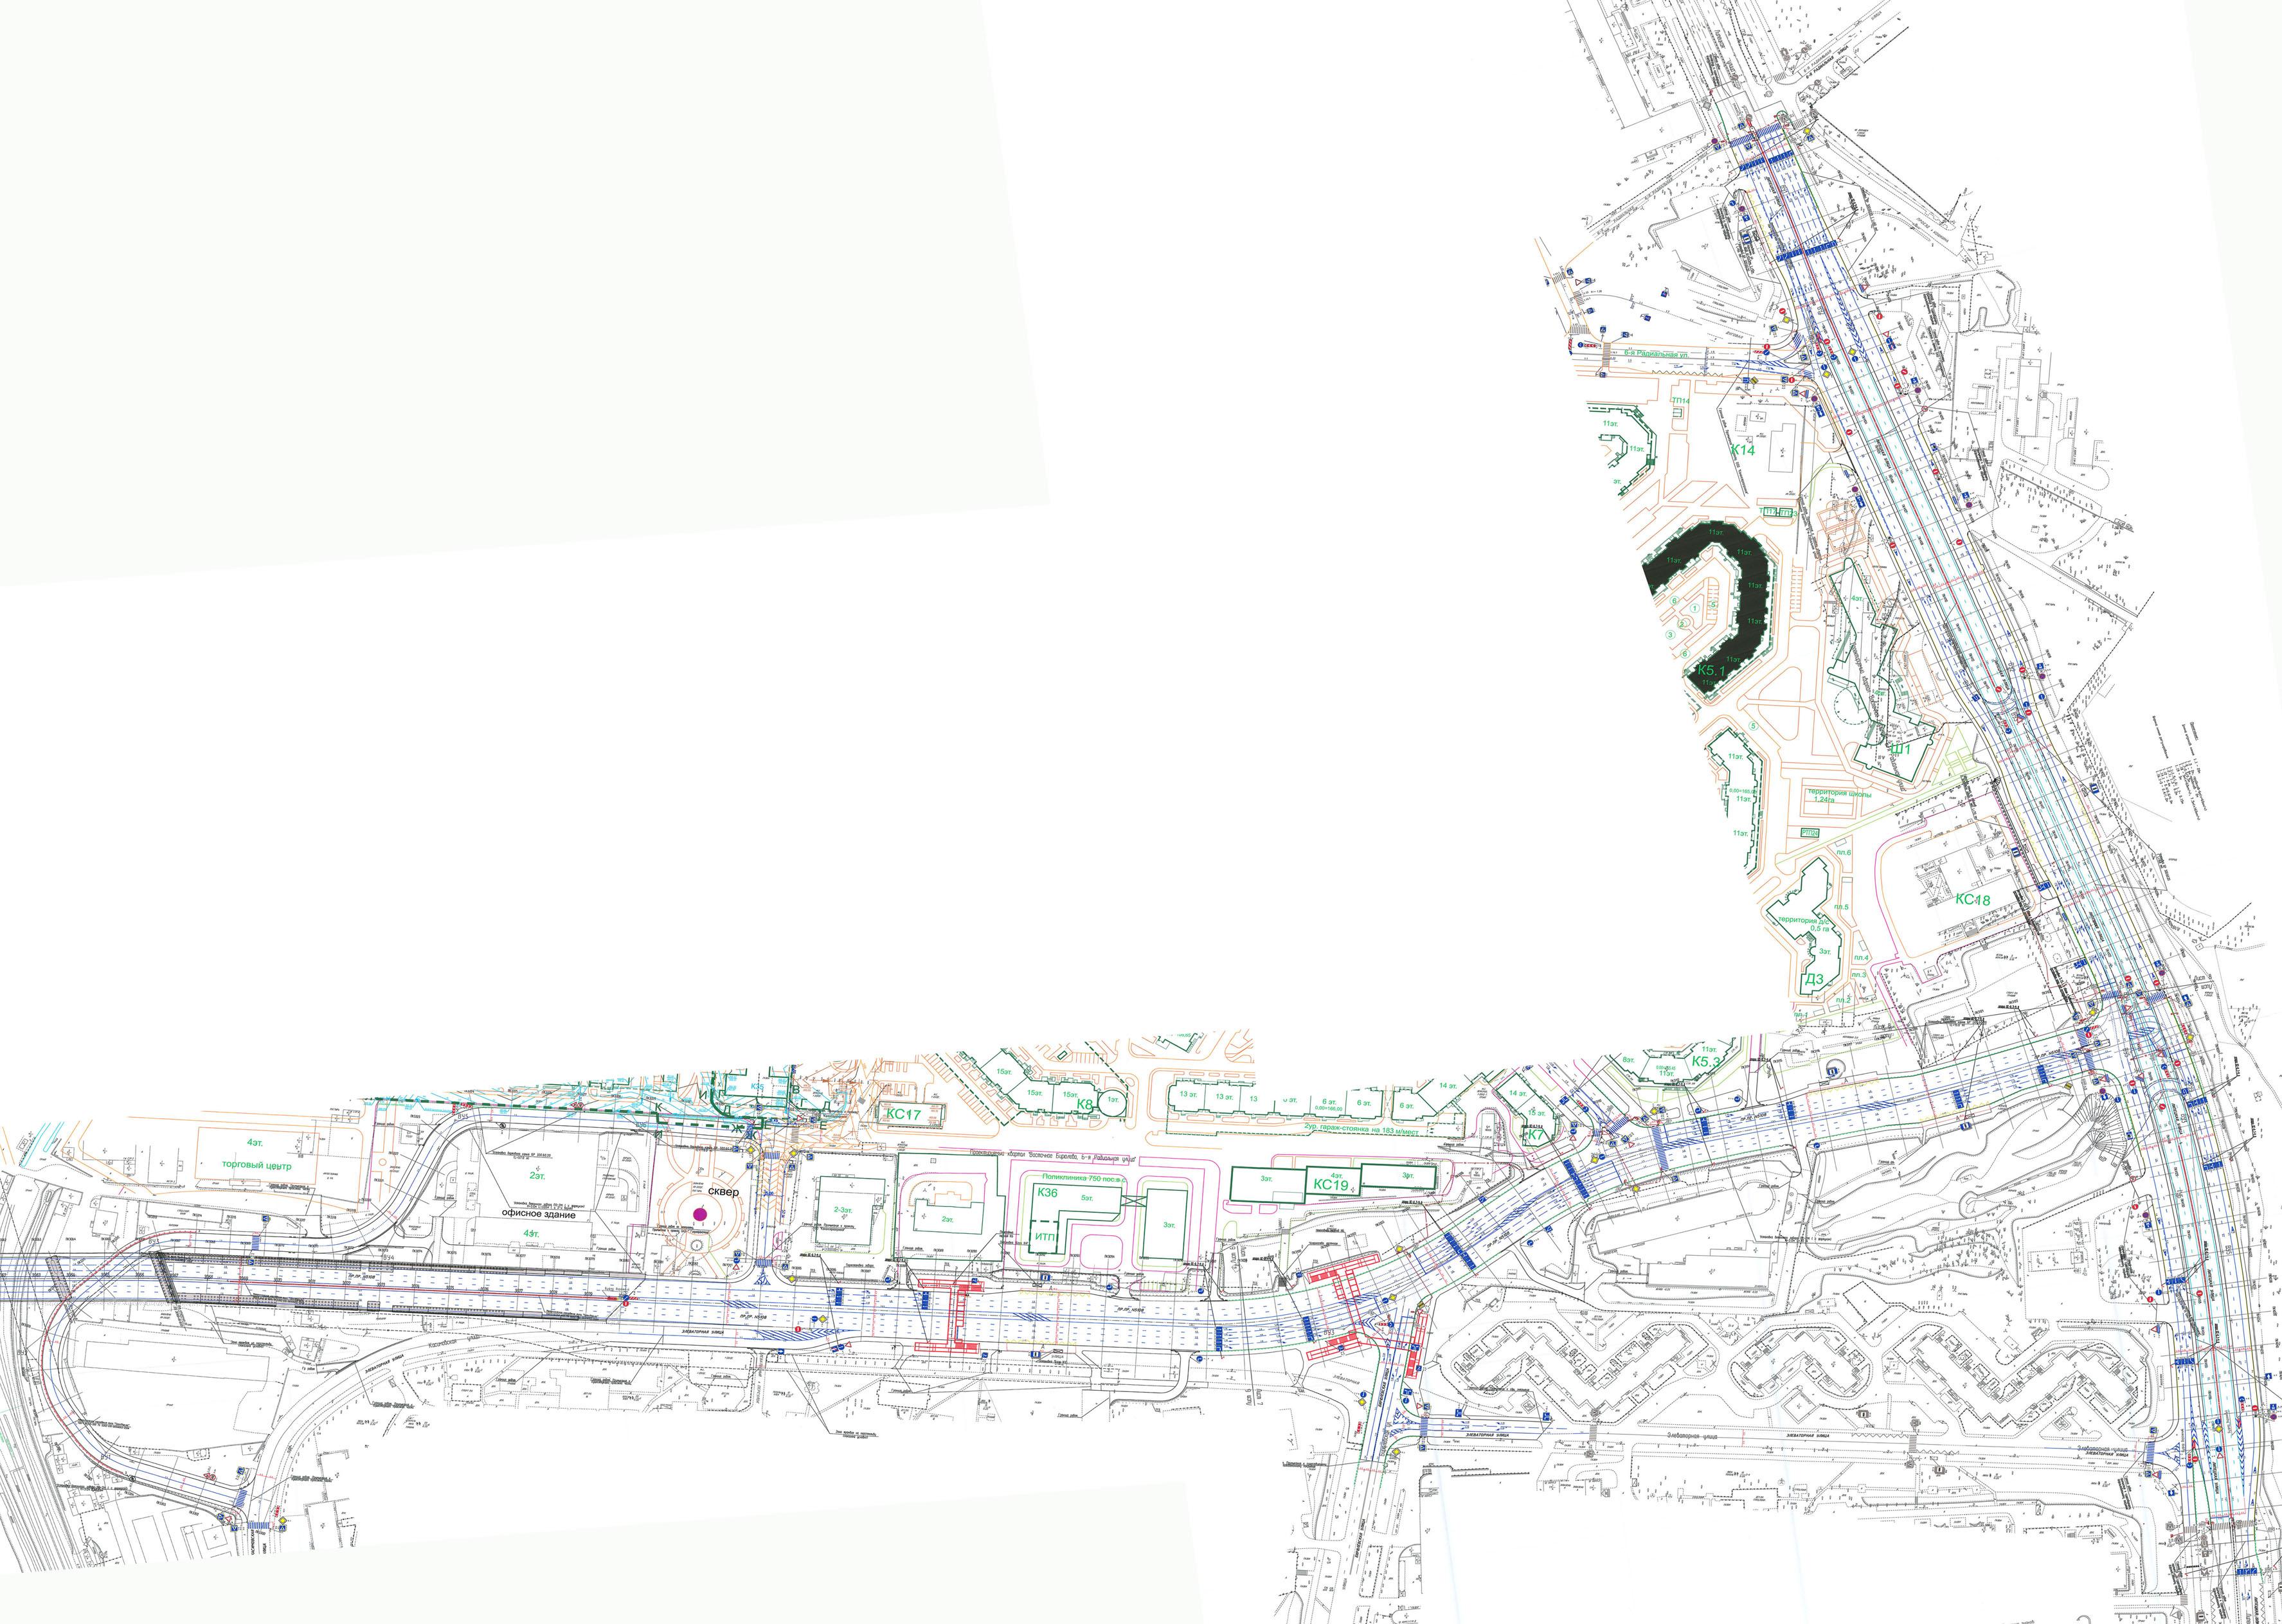 схема липецкой кольцевой автодороги